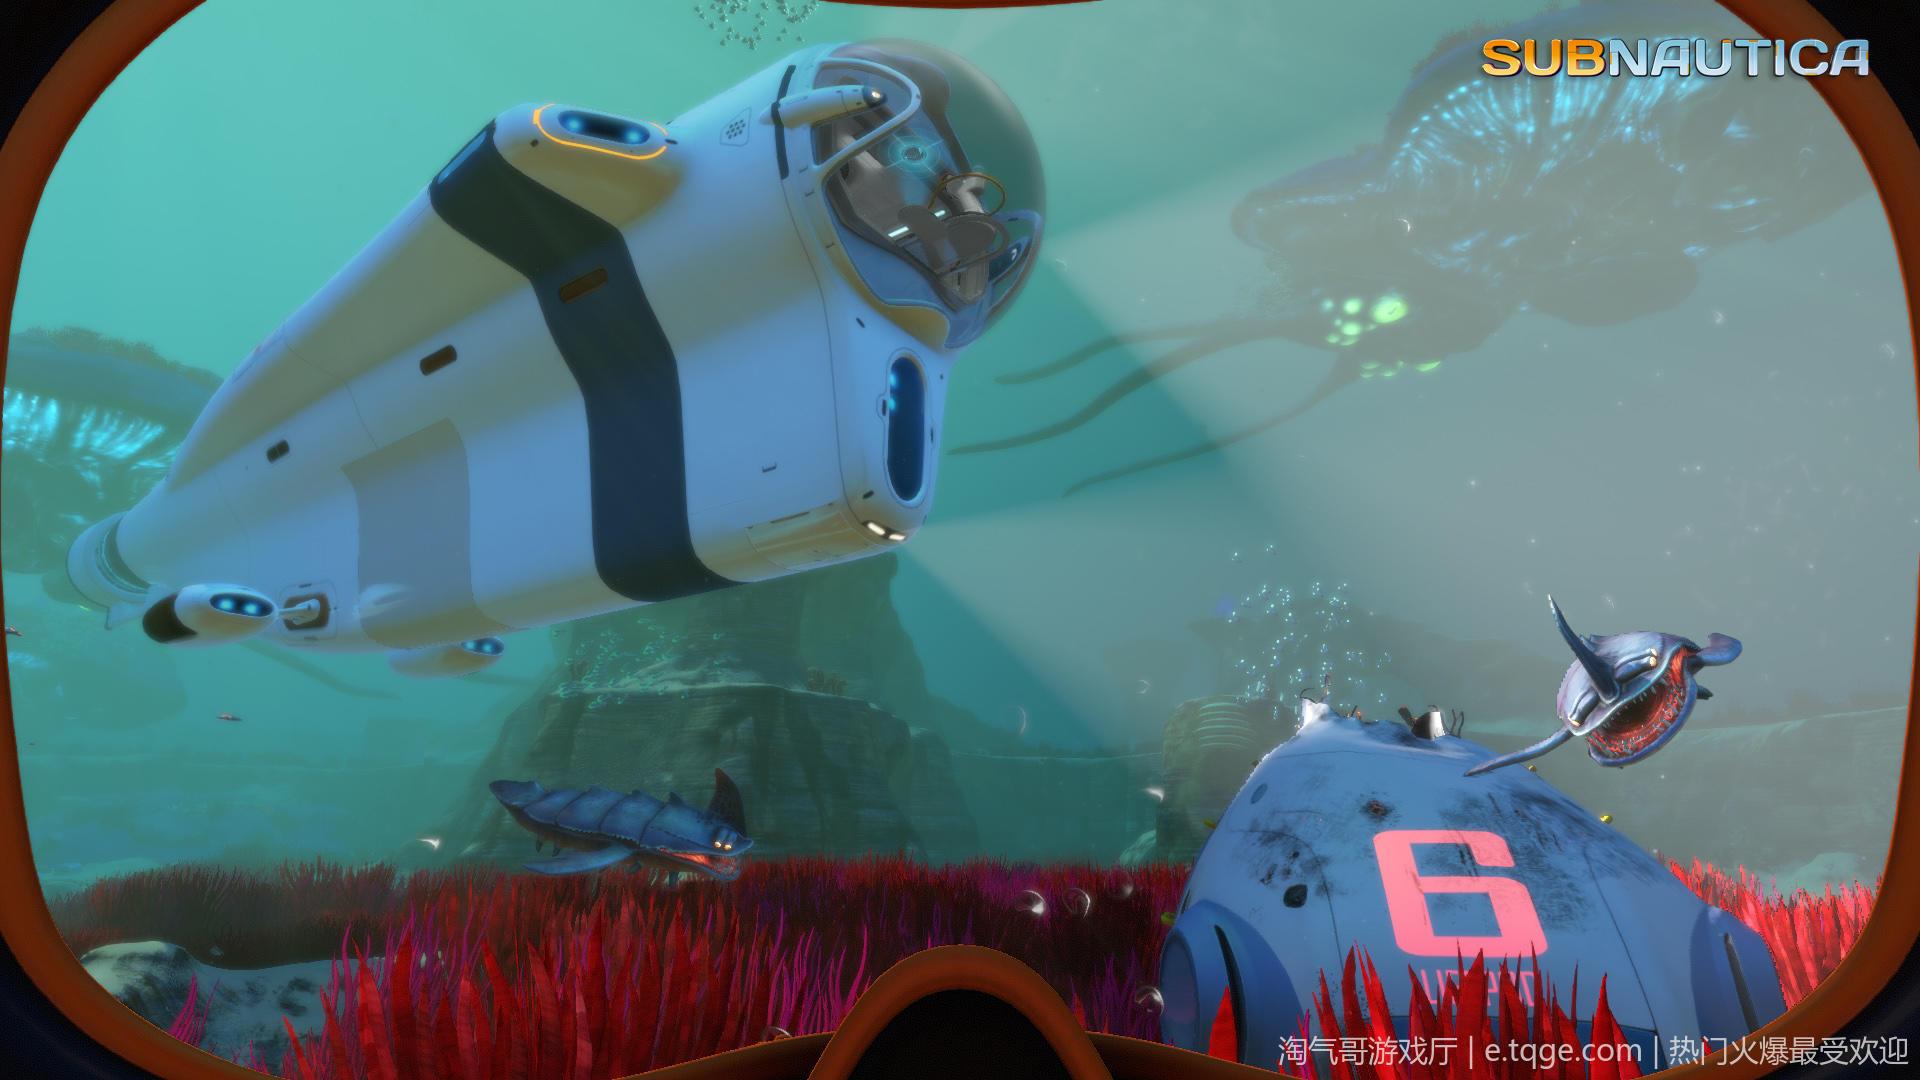 深海迷航/水下之旅/美丽水世界 动作冒险 第9张